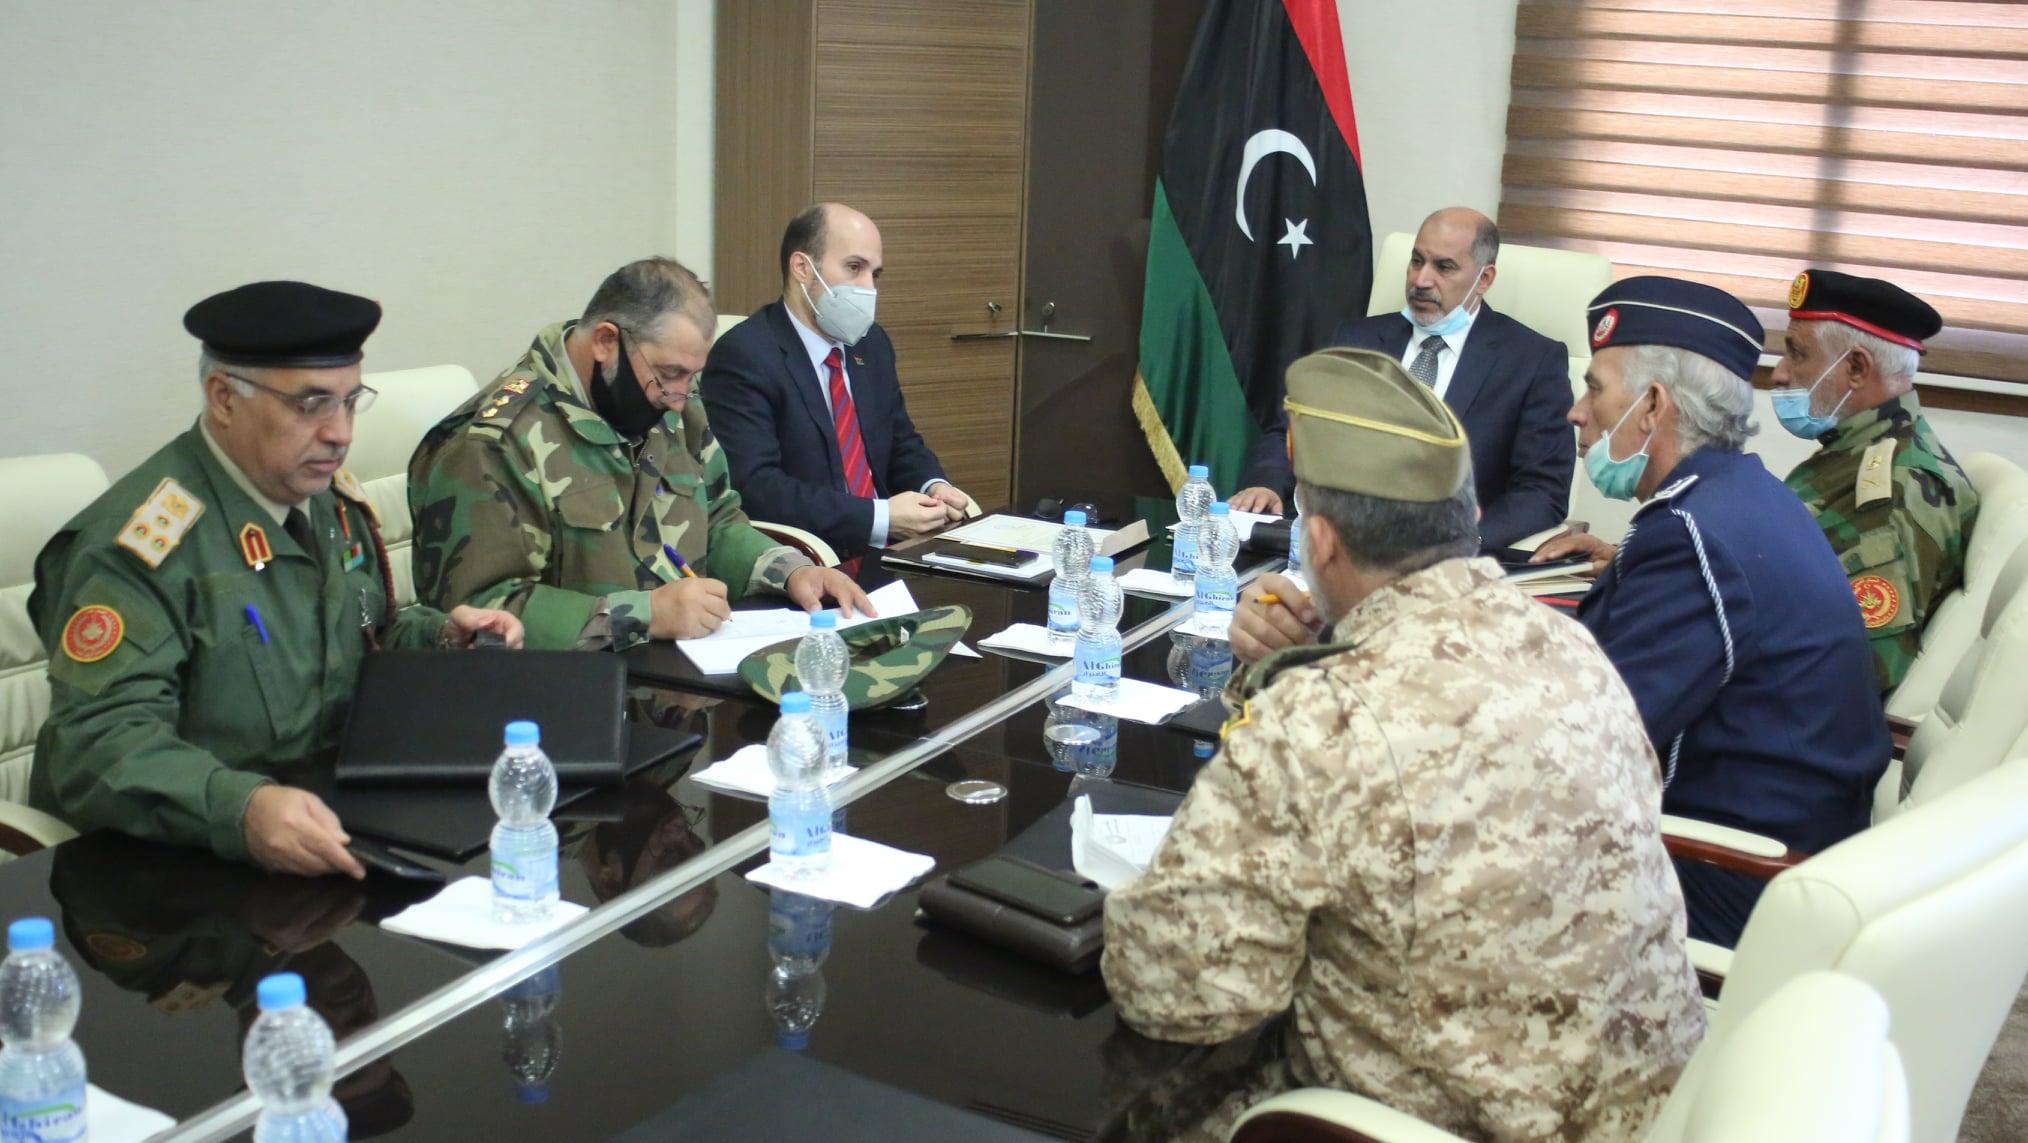 """عضوا رئاسي الوفاق """"كاجمان"""" و""""زايد"""" يلتقيا أعضاء لجنة الخمسة العسكرية"""